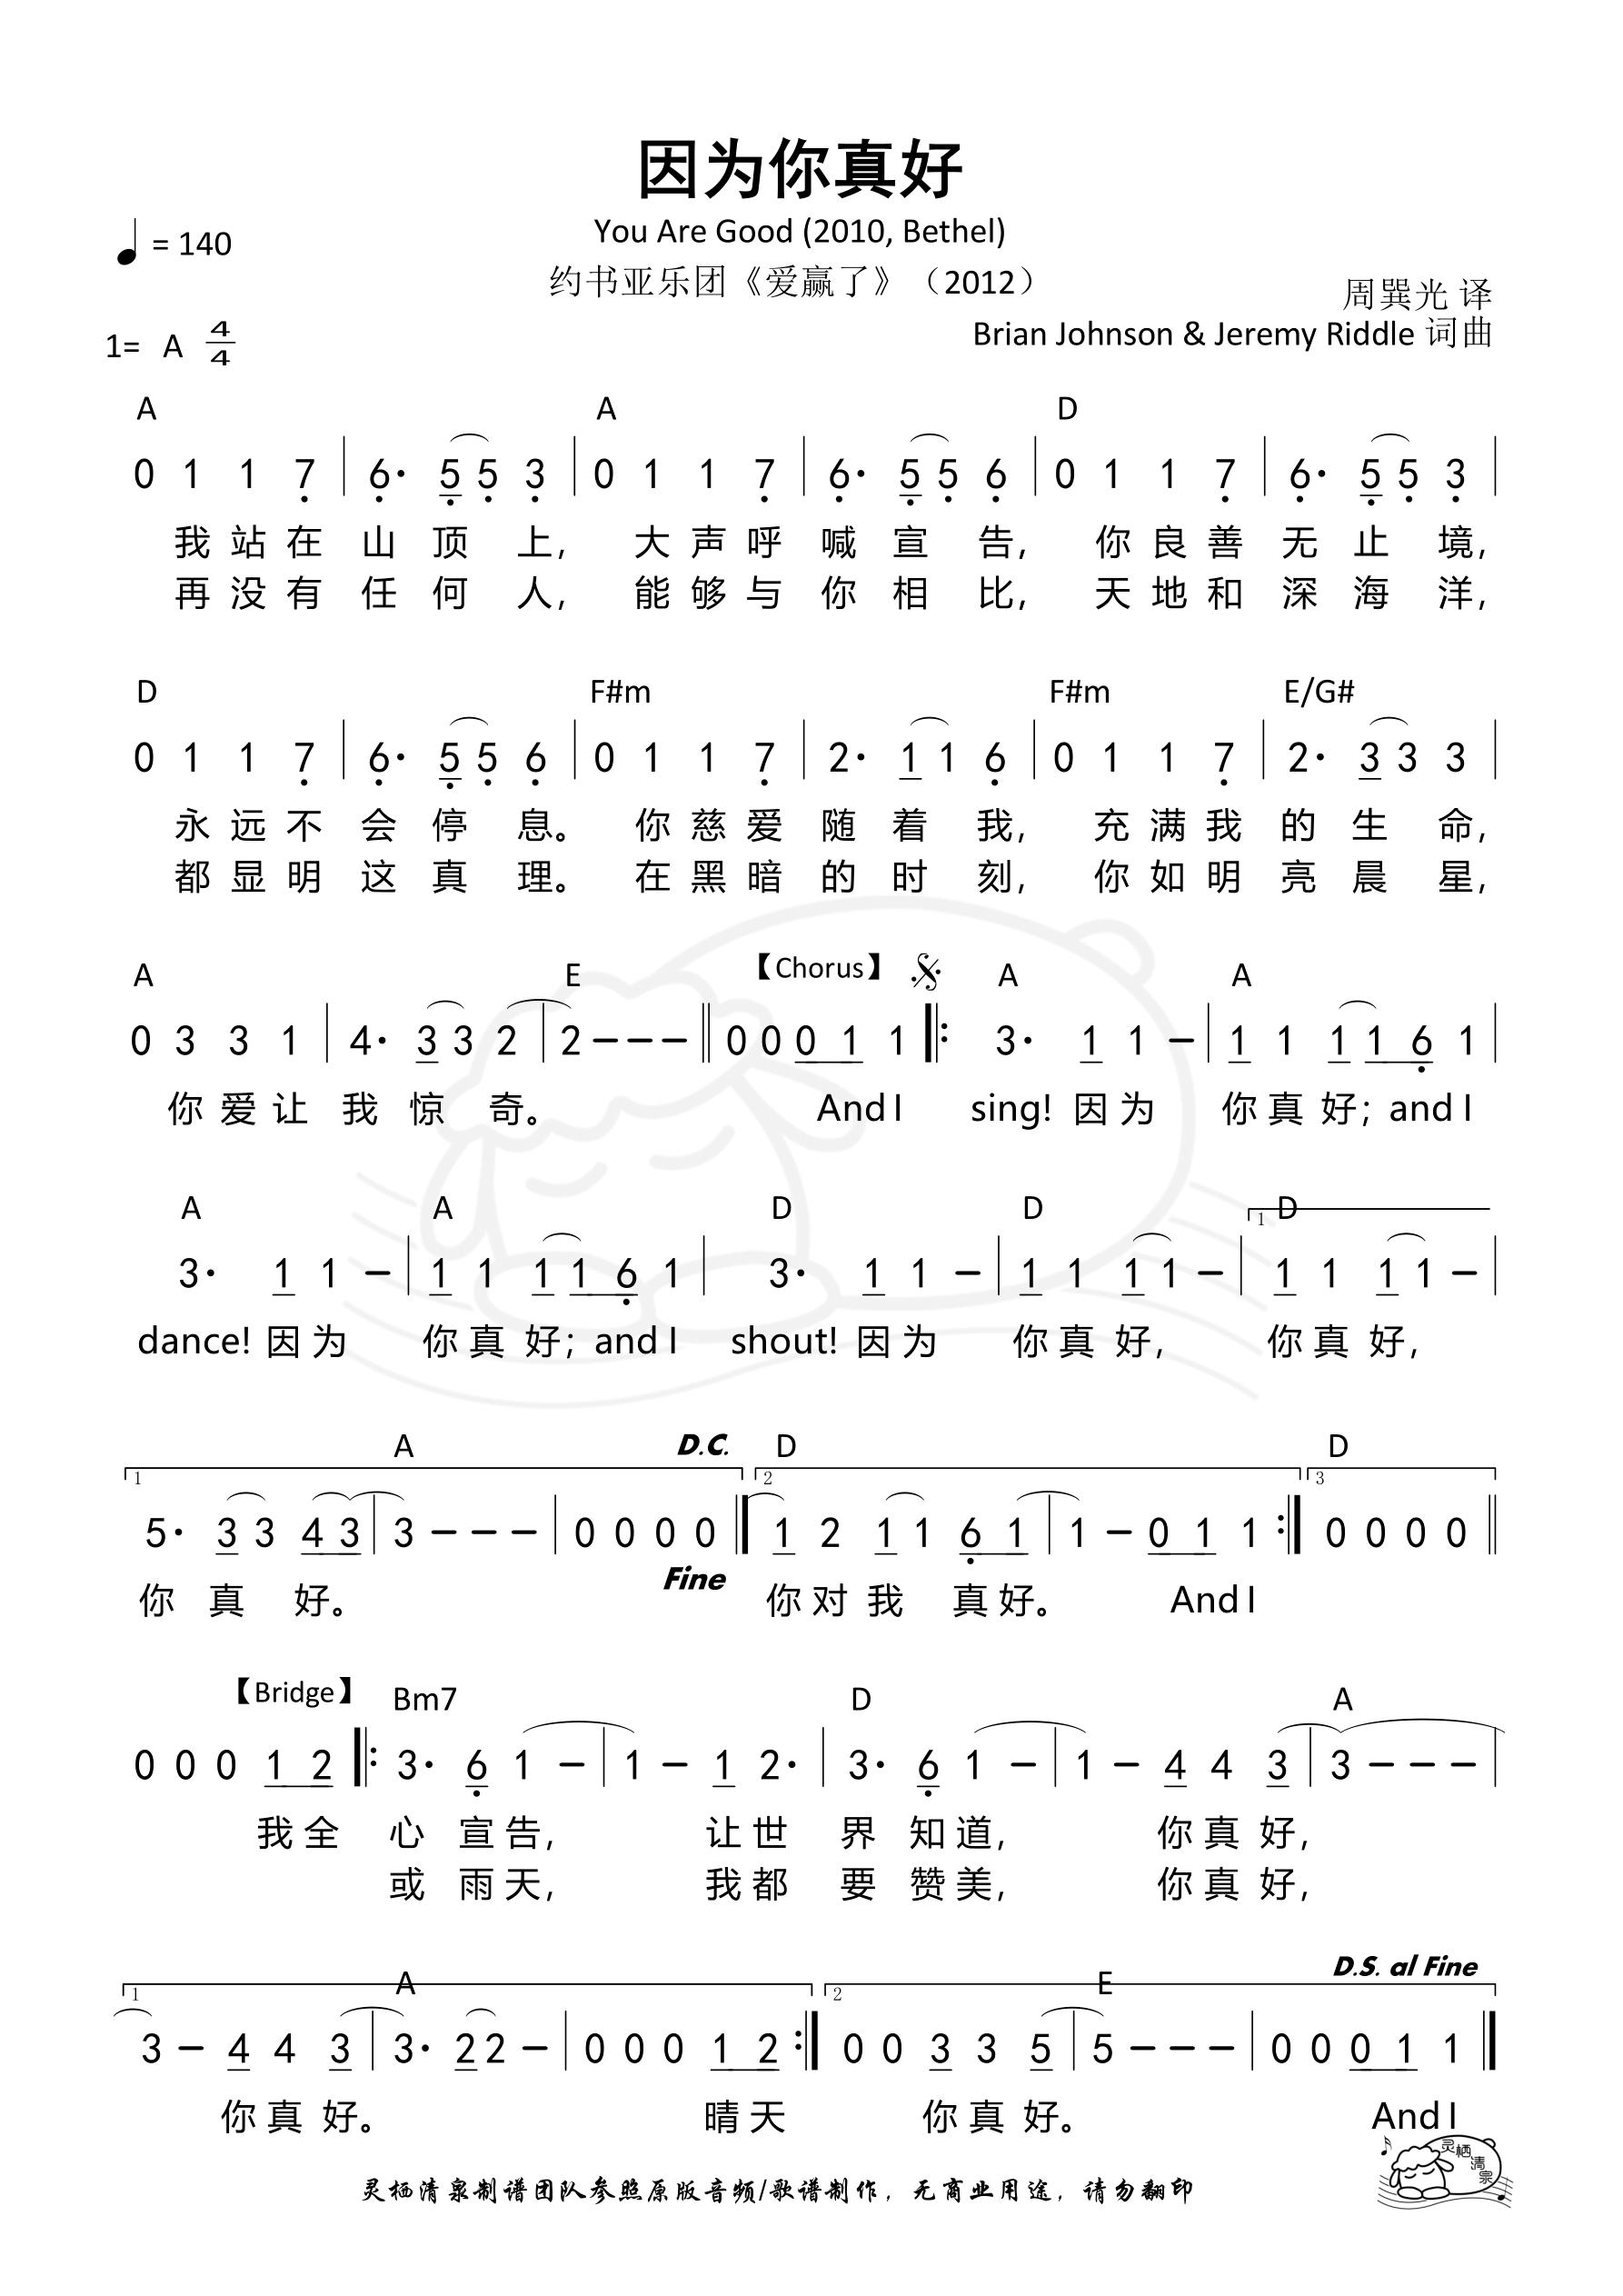 《第94首 - 因为你真好 和弦简谱》